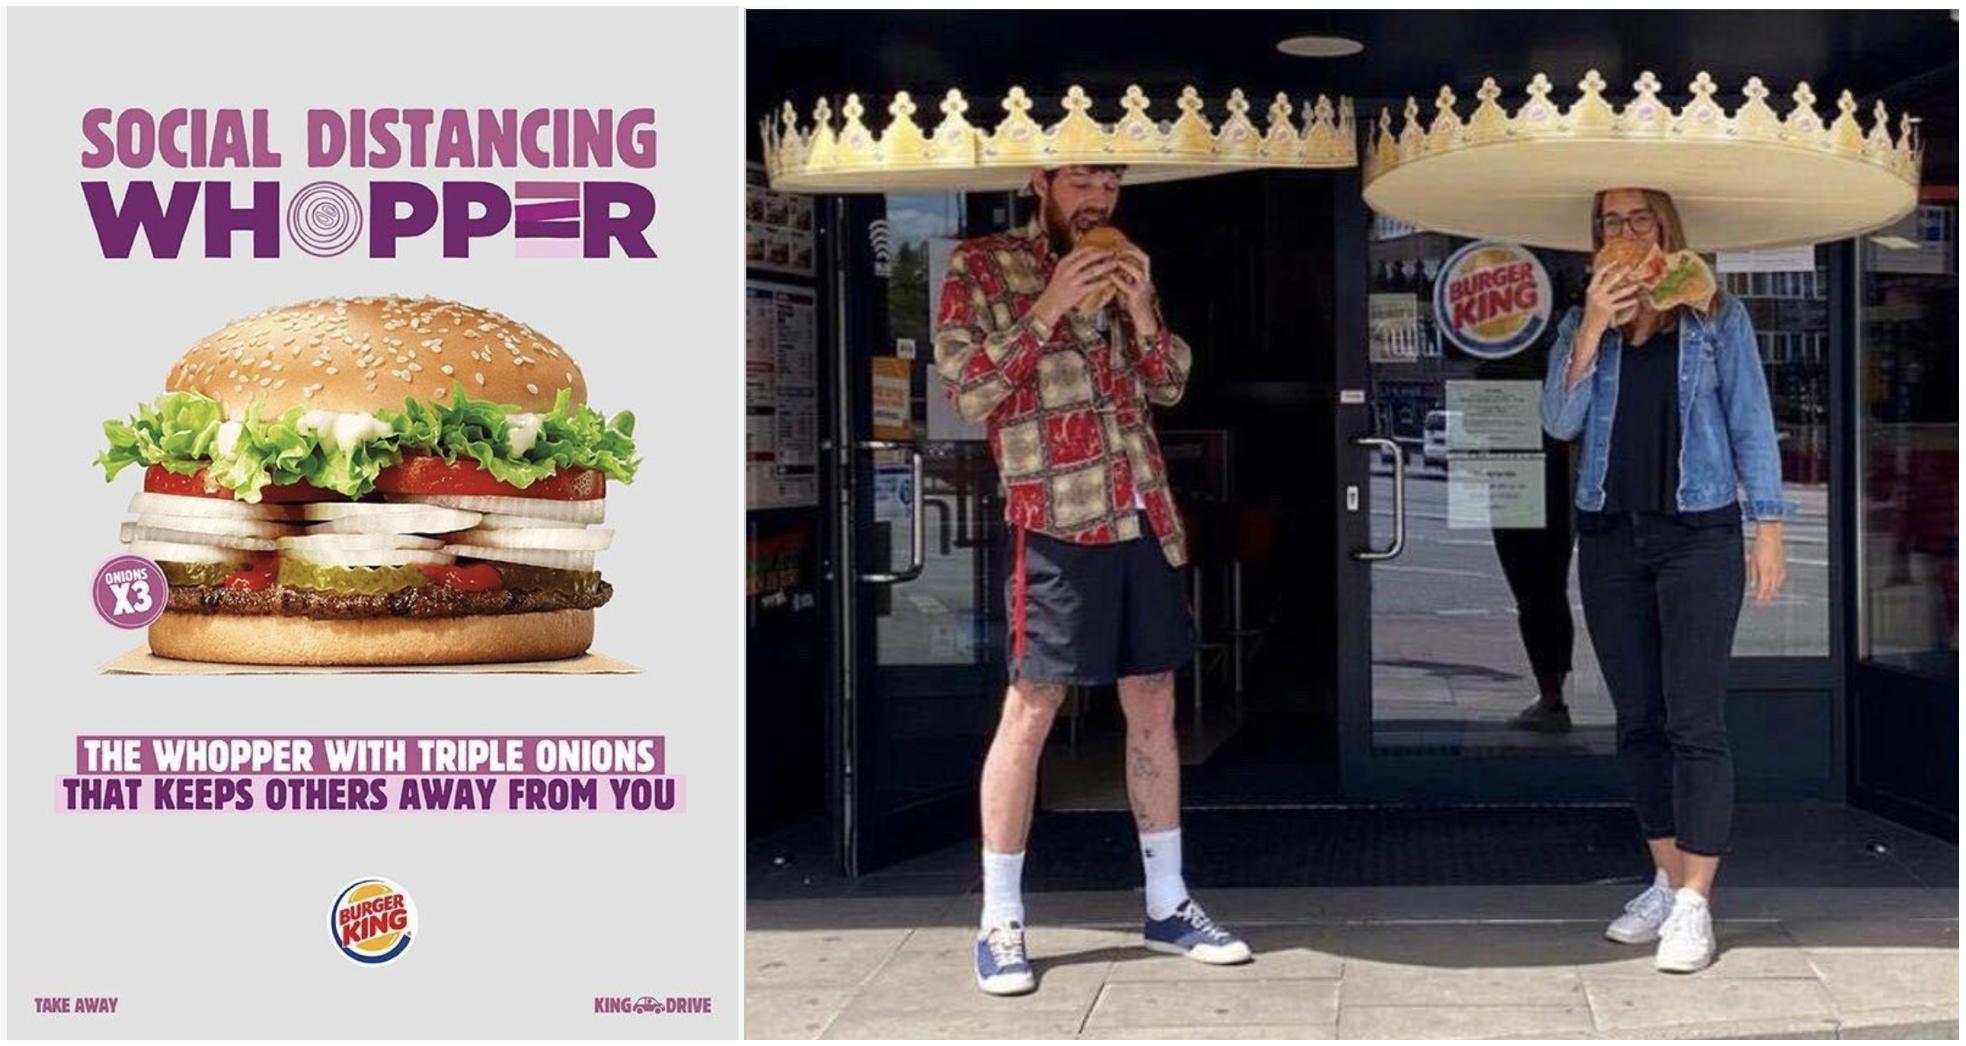 Case Study: 7 ispirazioni da Burger King durante il Covid19